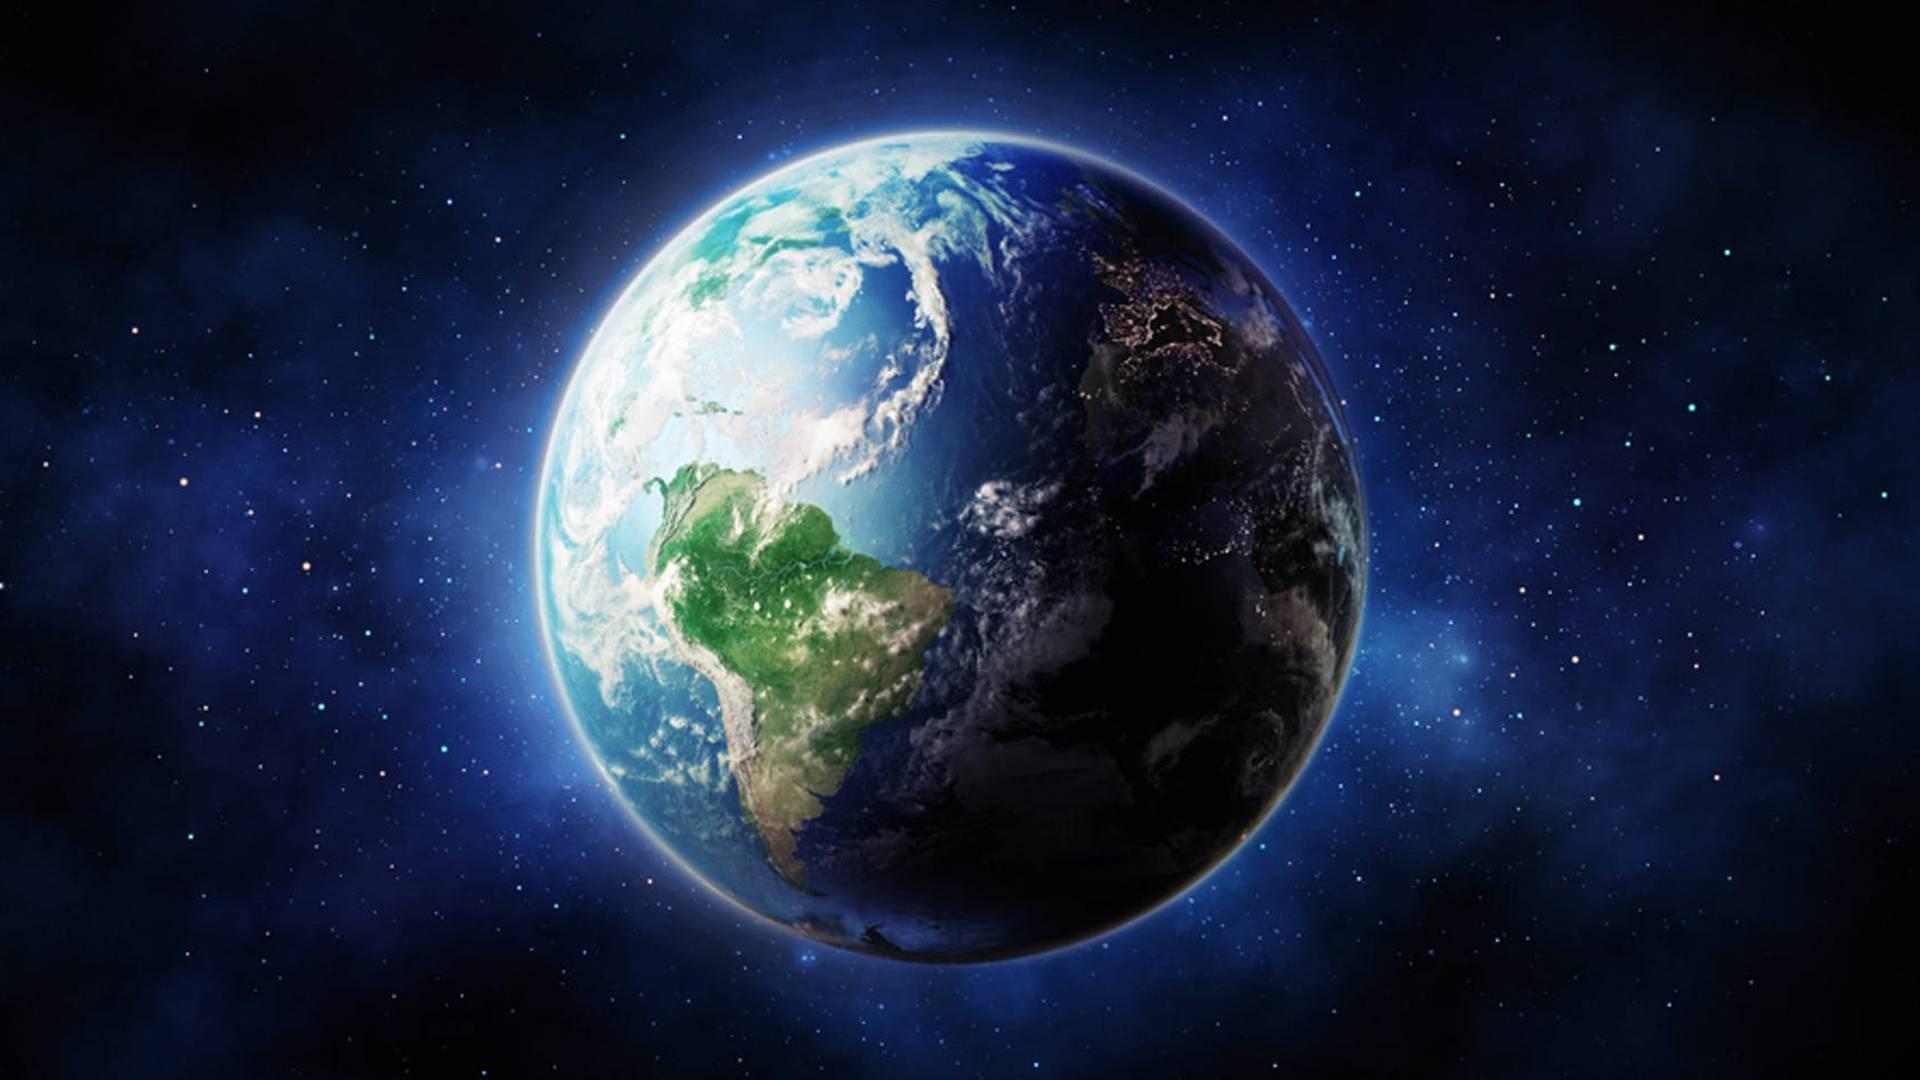 地球日50周年,一部短片给人类敲醒了警钟